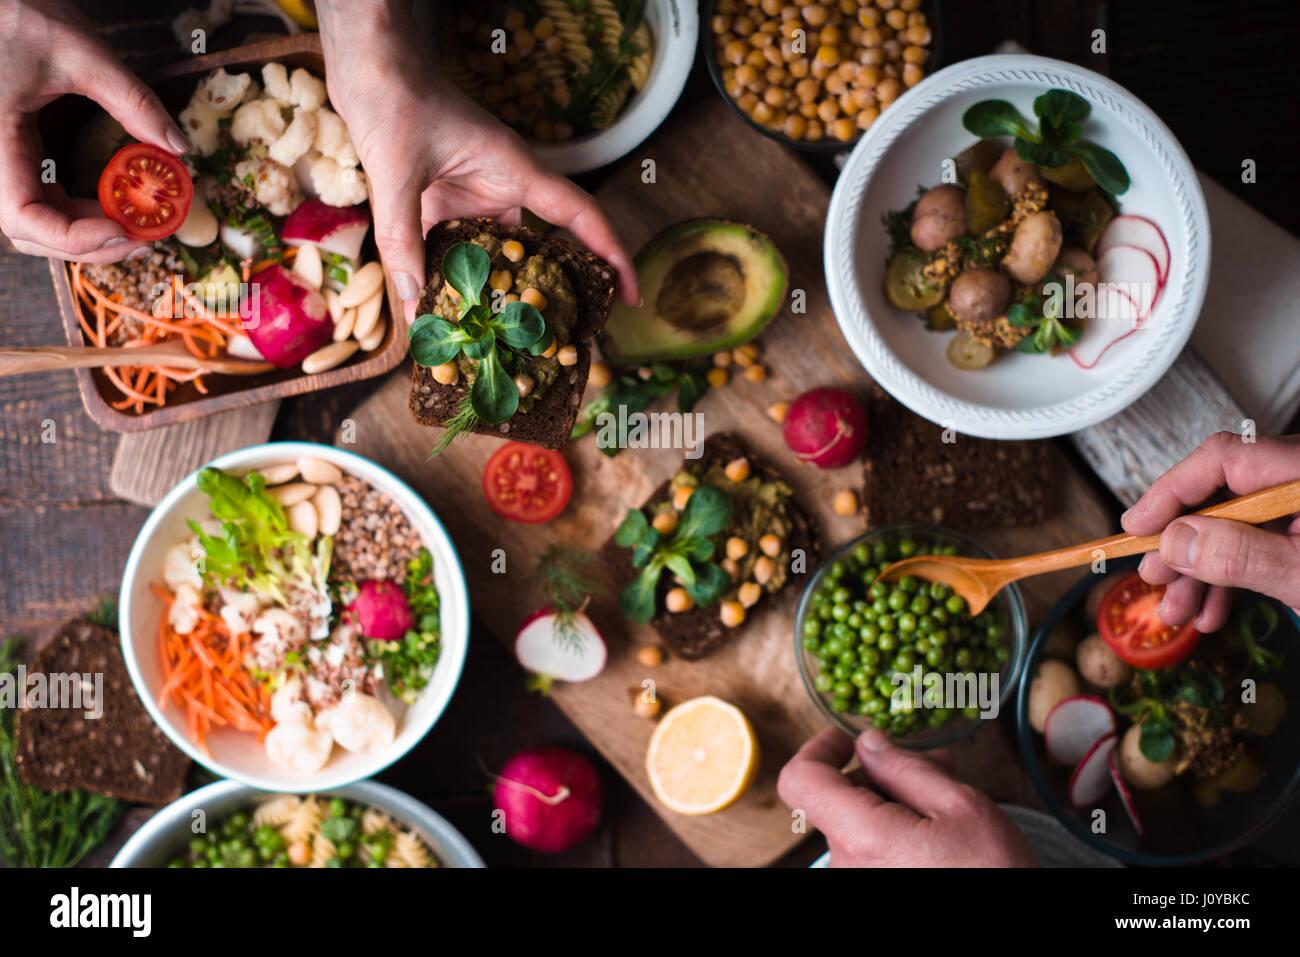 Essen, verschiedene Salate und Vorspeisen auf der hölzernen Tischplatte-Ansicht Stockbild